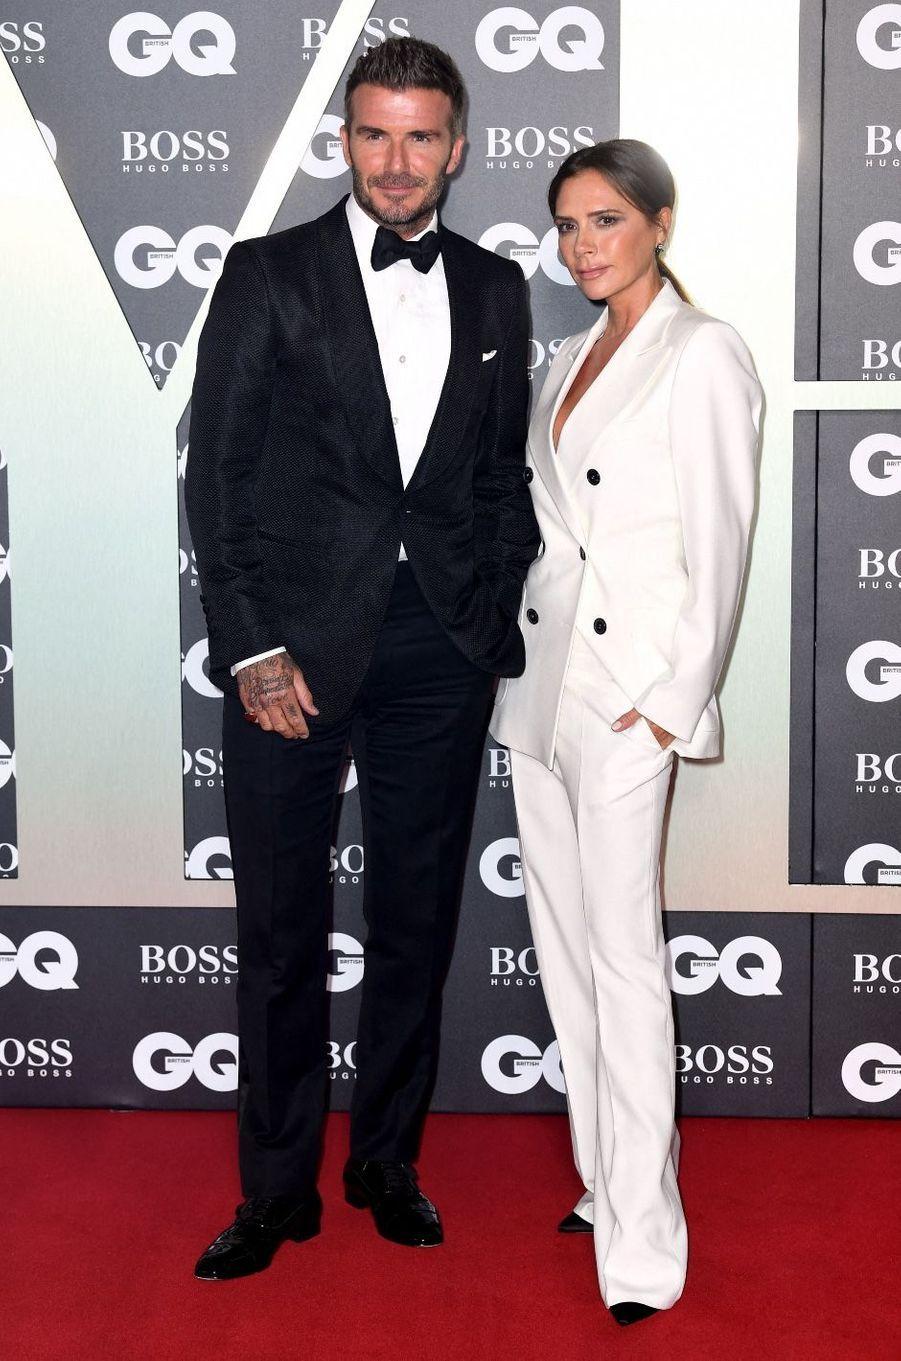 Le couple formé par Victoria et David Beckham était comme une évidence. Assis avec un ami devant un clip des«Spice Girls», lemannequin a eu un coup de foudre pour la«fille aux cheveux noirs».«Je vais l'épouser, c'est mon idéal de perfection», avait-il annoncé à son ami. C'est lors d'une fête qu'ils se sont rencontrés pour la première fois, David Beckham a pris son courage à deux mains et lui a demandé son numéro qu'elle a noté sur un billet d'avion Londres-Manchester. Decette rencontre est né un couple iconique qui a accueilli de magnifiques enfants.